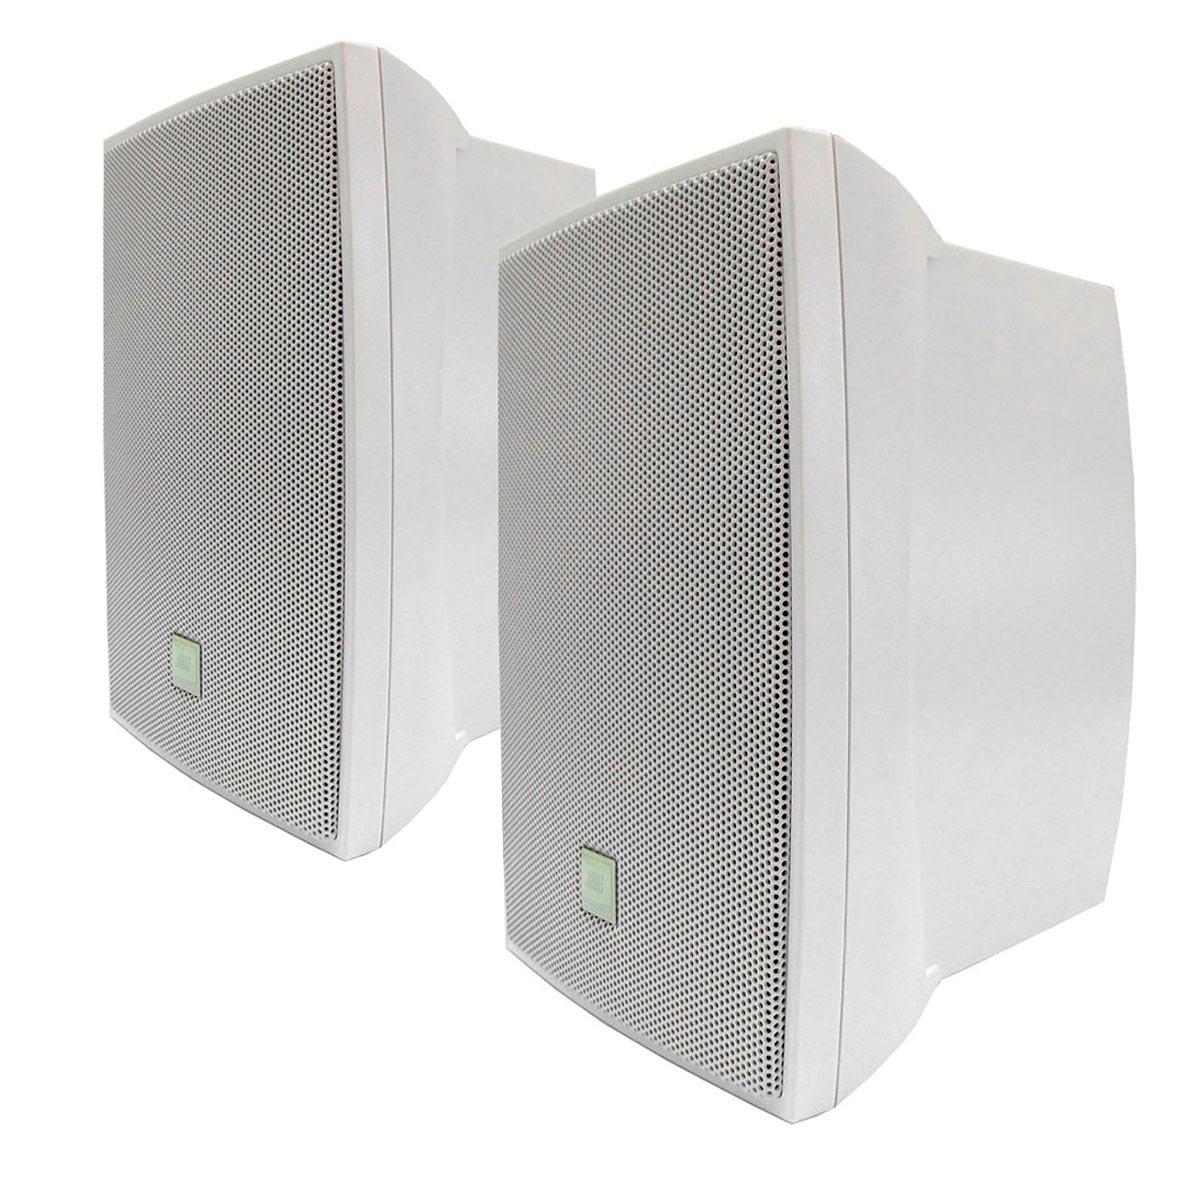 Caixa Passiva p/ Som Ambiente Fal 5 Pol 40W c/ Suporte (Par) - C 521 B JBL